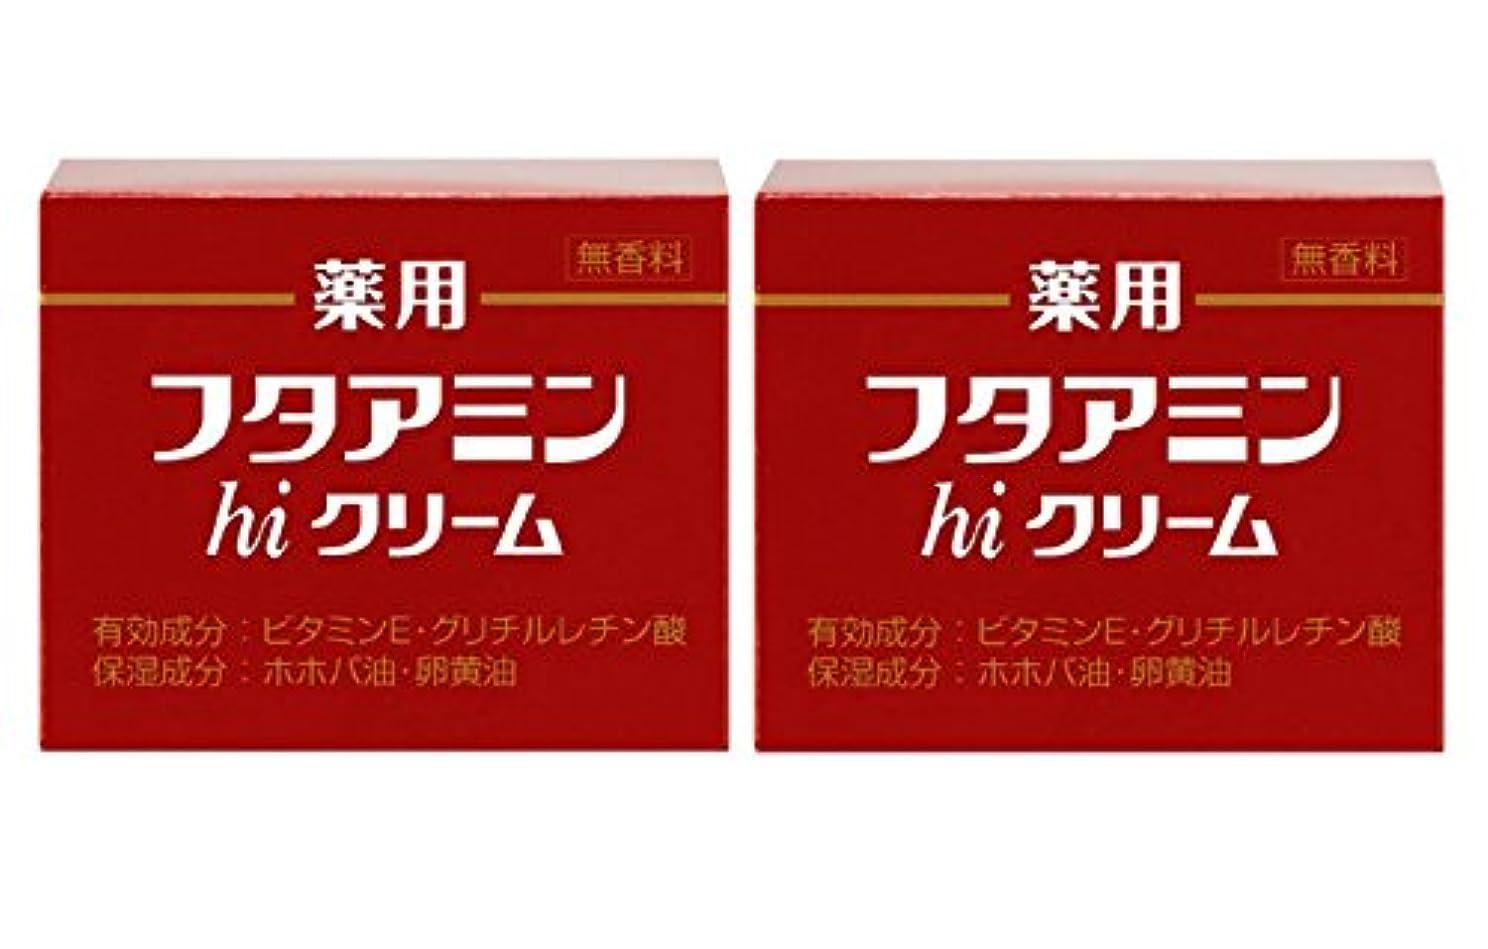 よろめくストリーム衣服薬用フタアミンhiクリーム 130g×2個セット